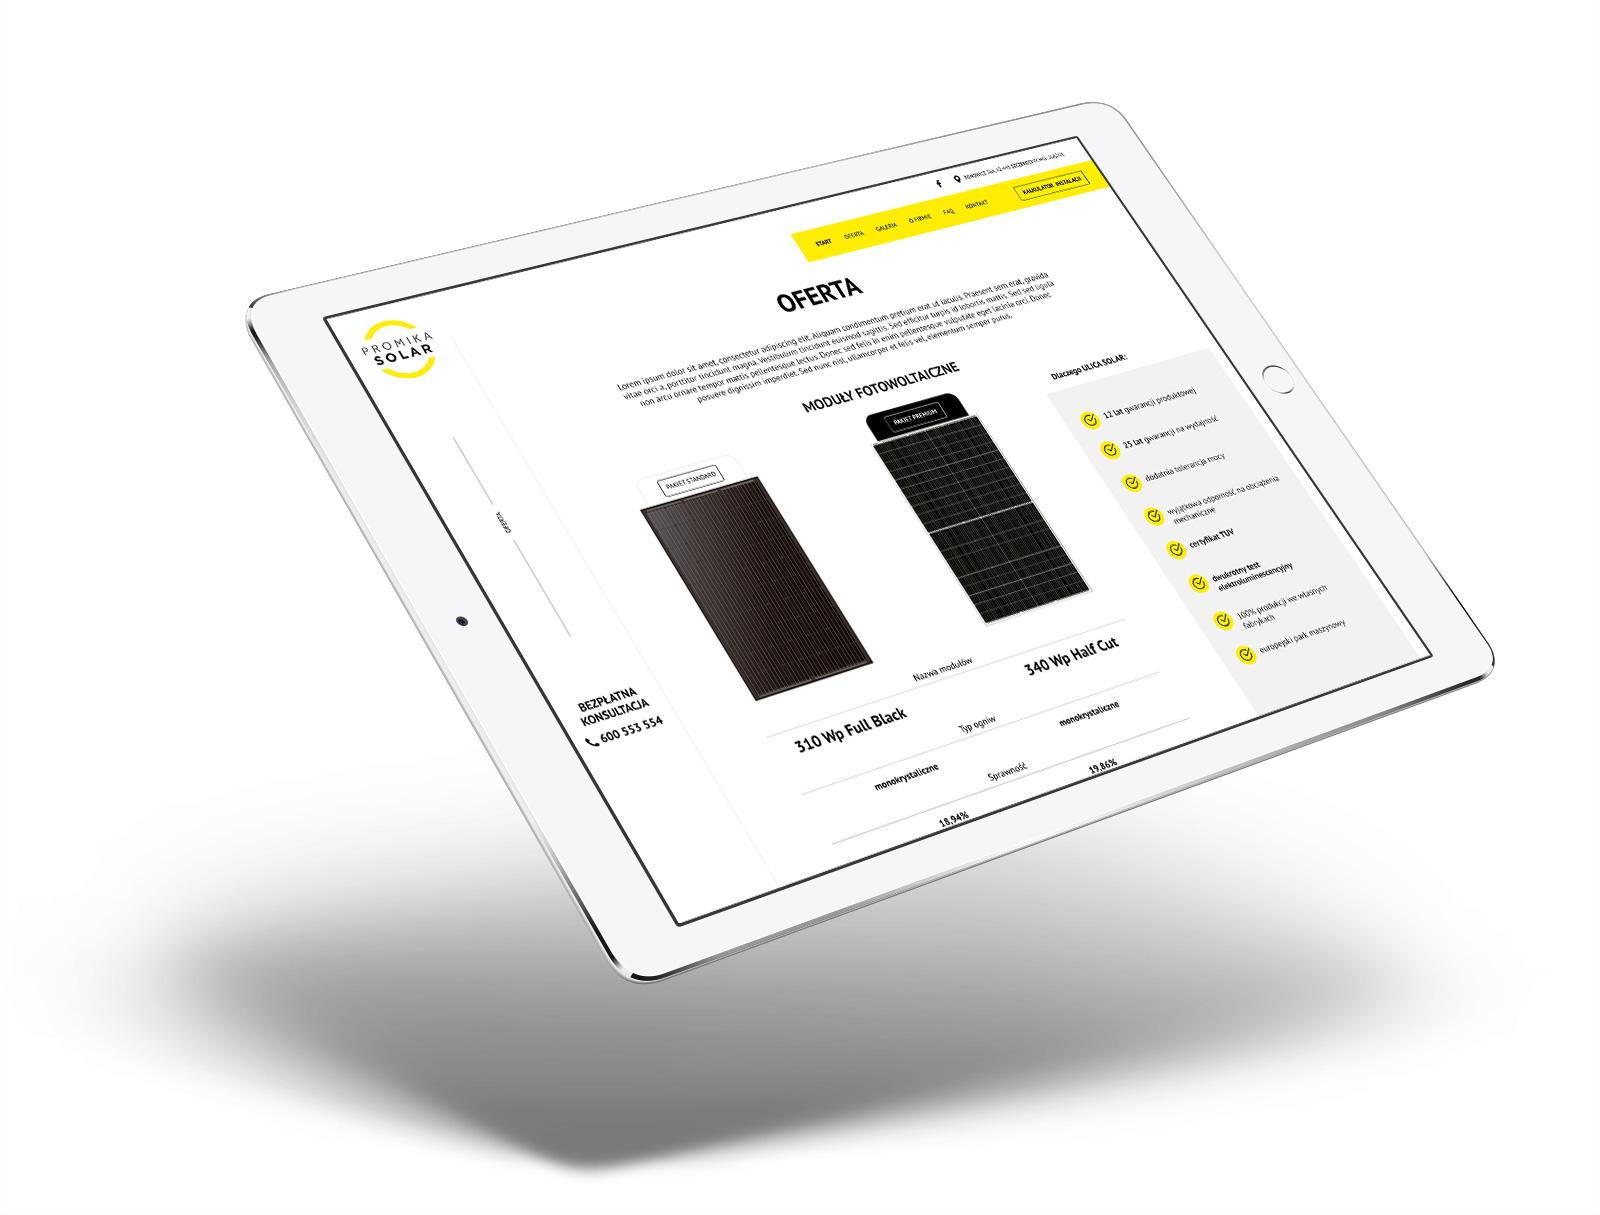 Promika Solar - strona internetowa na tablecie